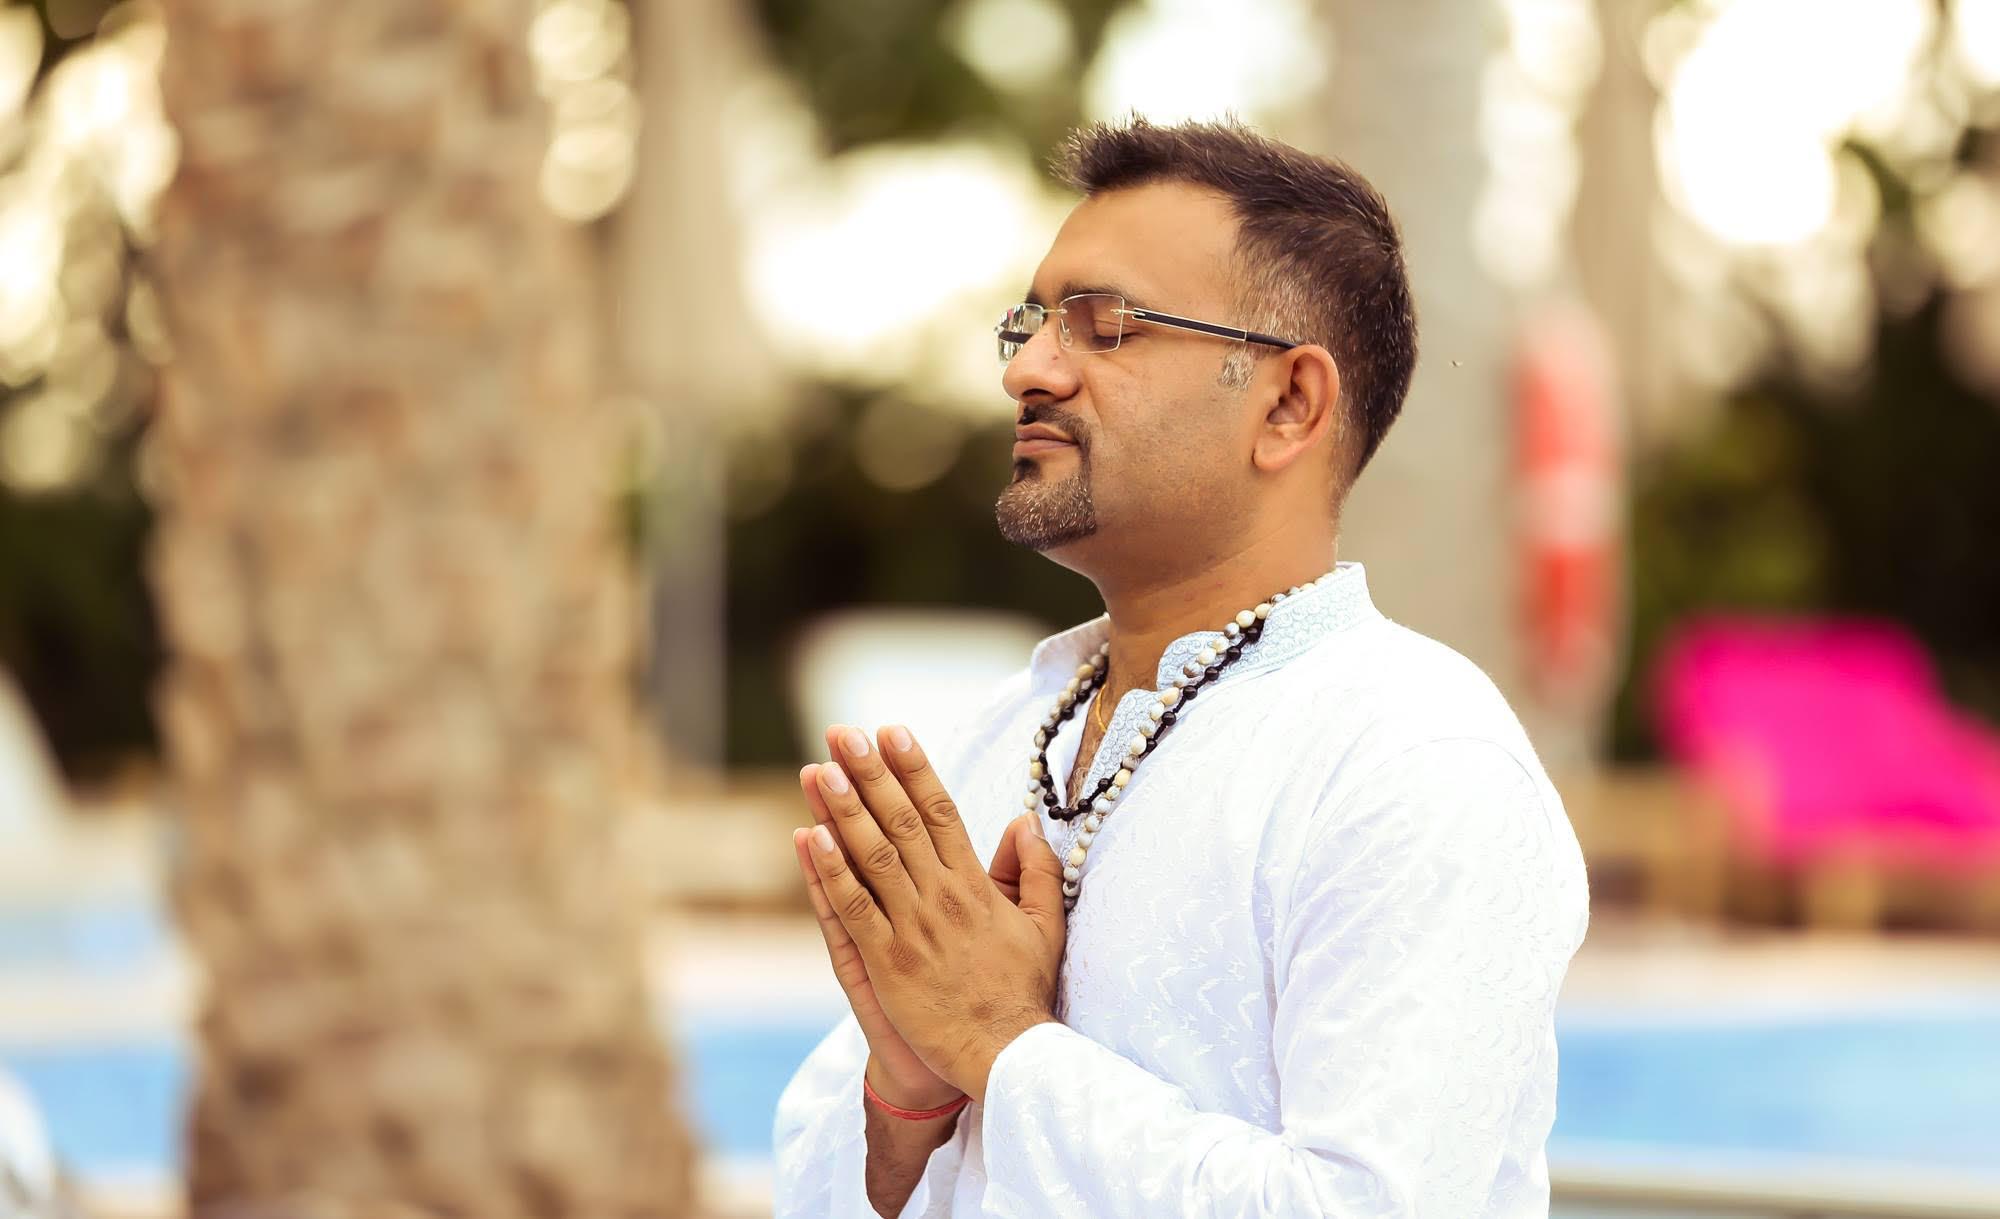 Sumit Manav